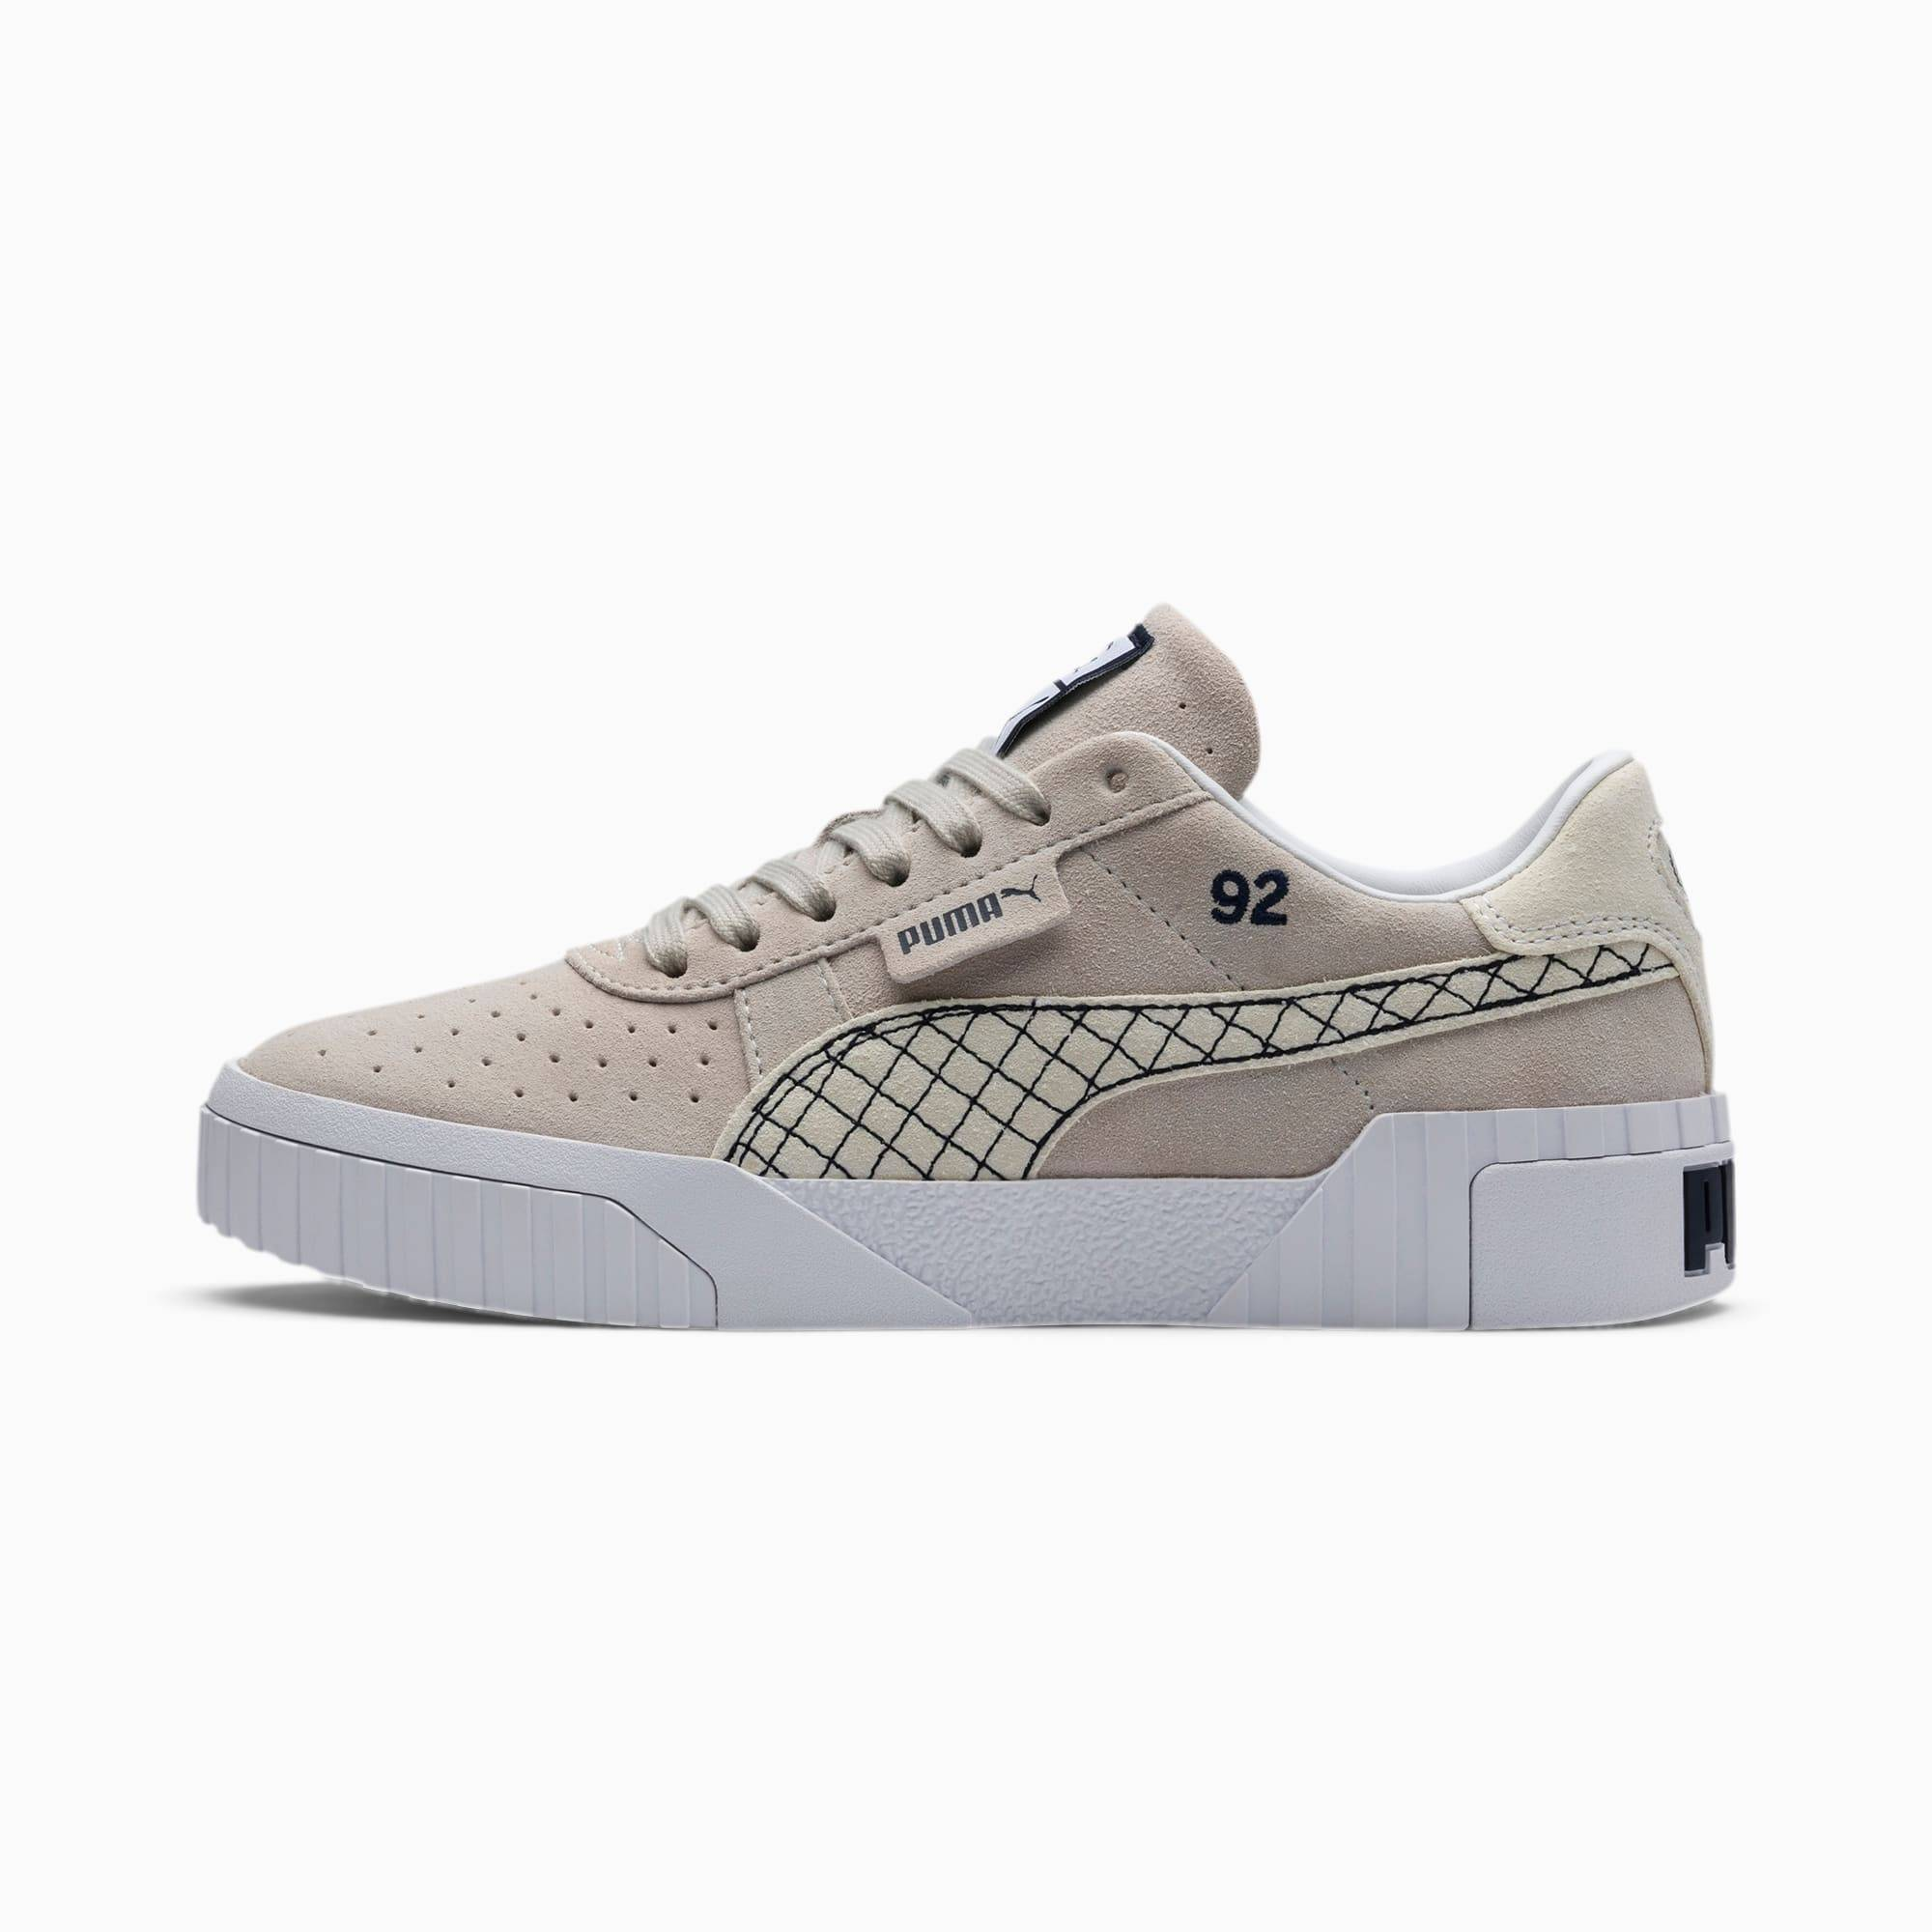 PUMA Chaussure Basket PUMA x SELENA GOMEZ Cali Suede Quilt pour Femme, Argent/Gris/Blanc, Taille 41, Chaussures